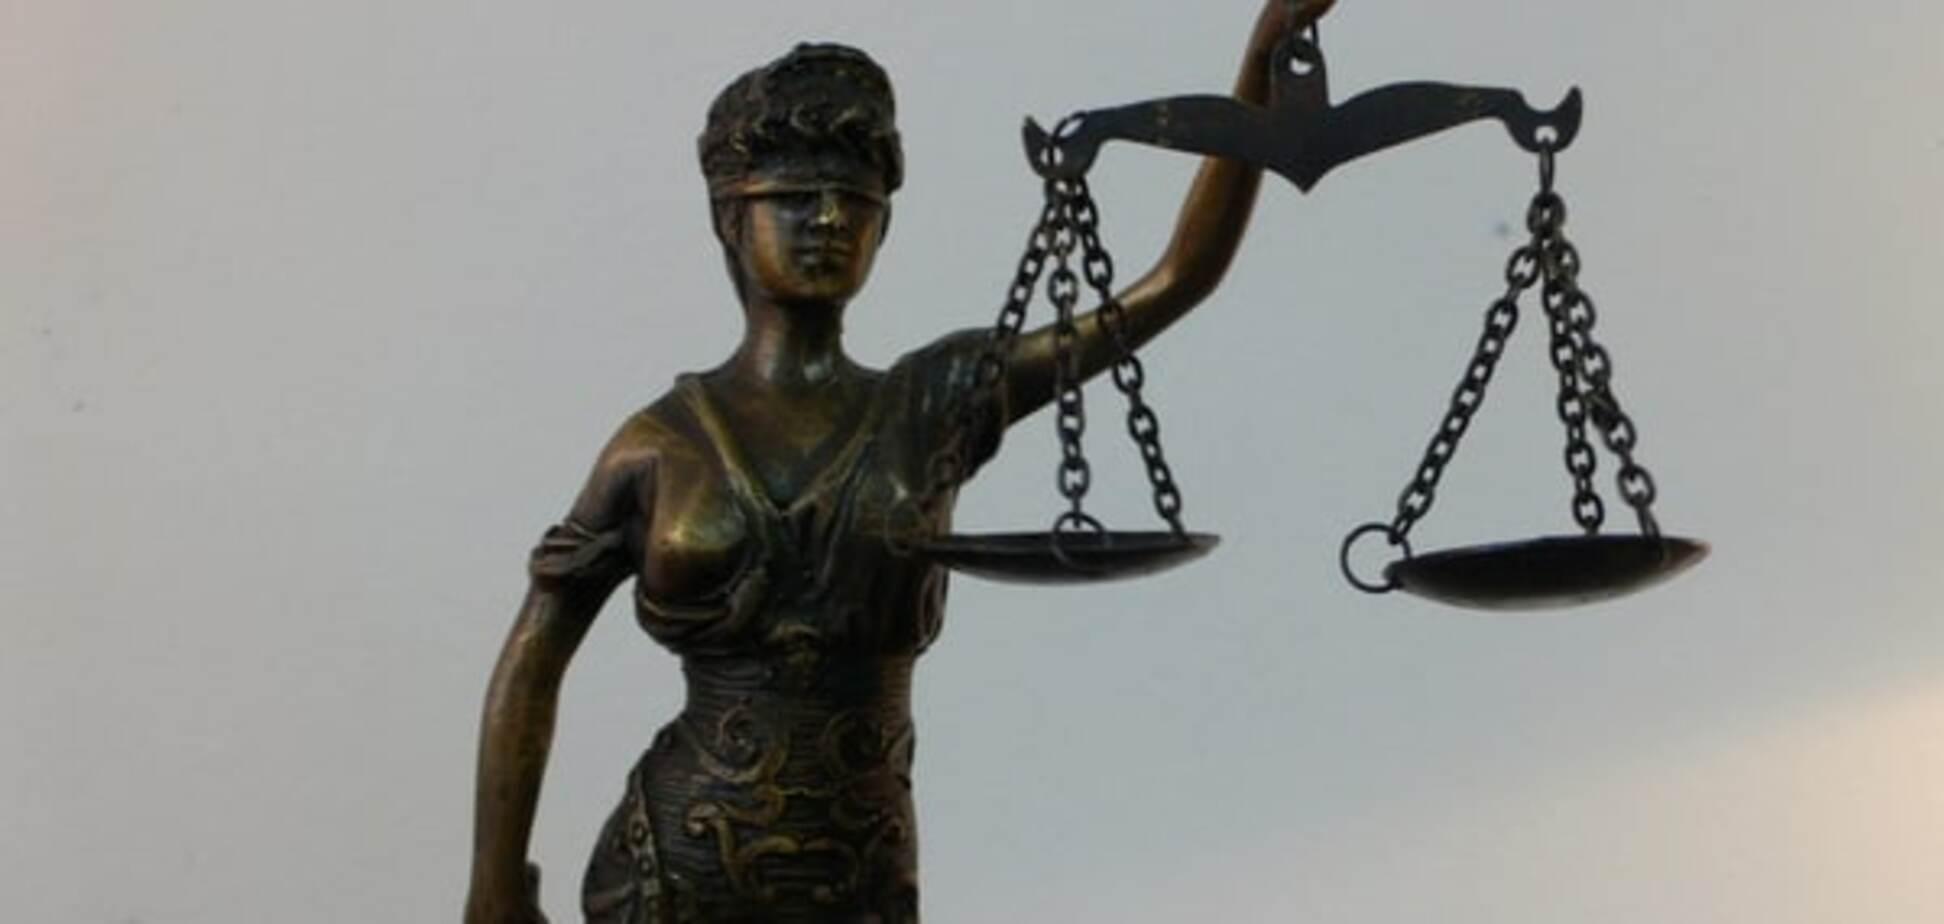 Правосудие во время войны: к вопросу необходимости военных судов в Украине